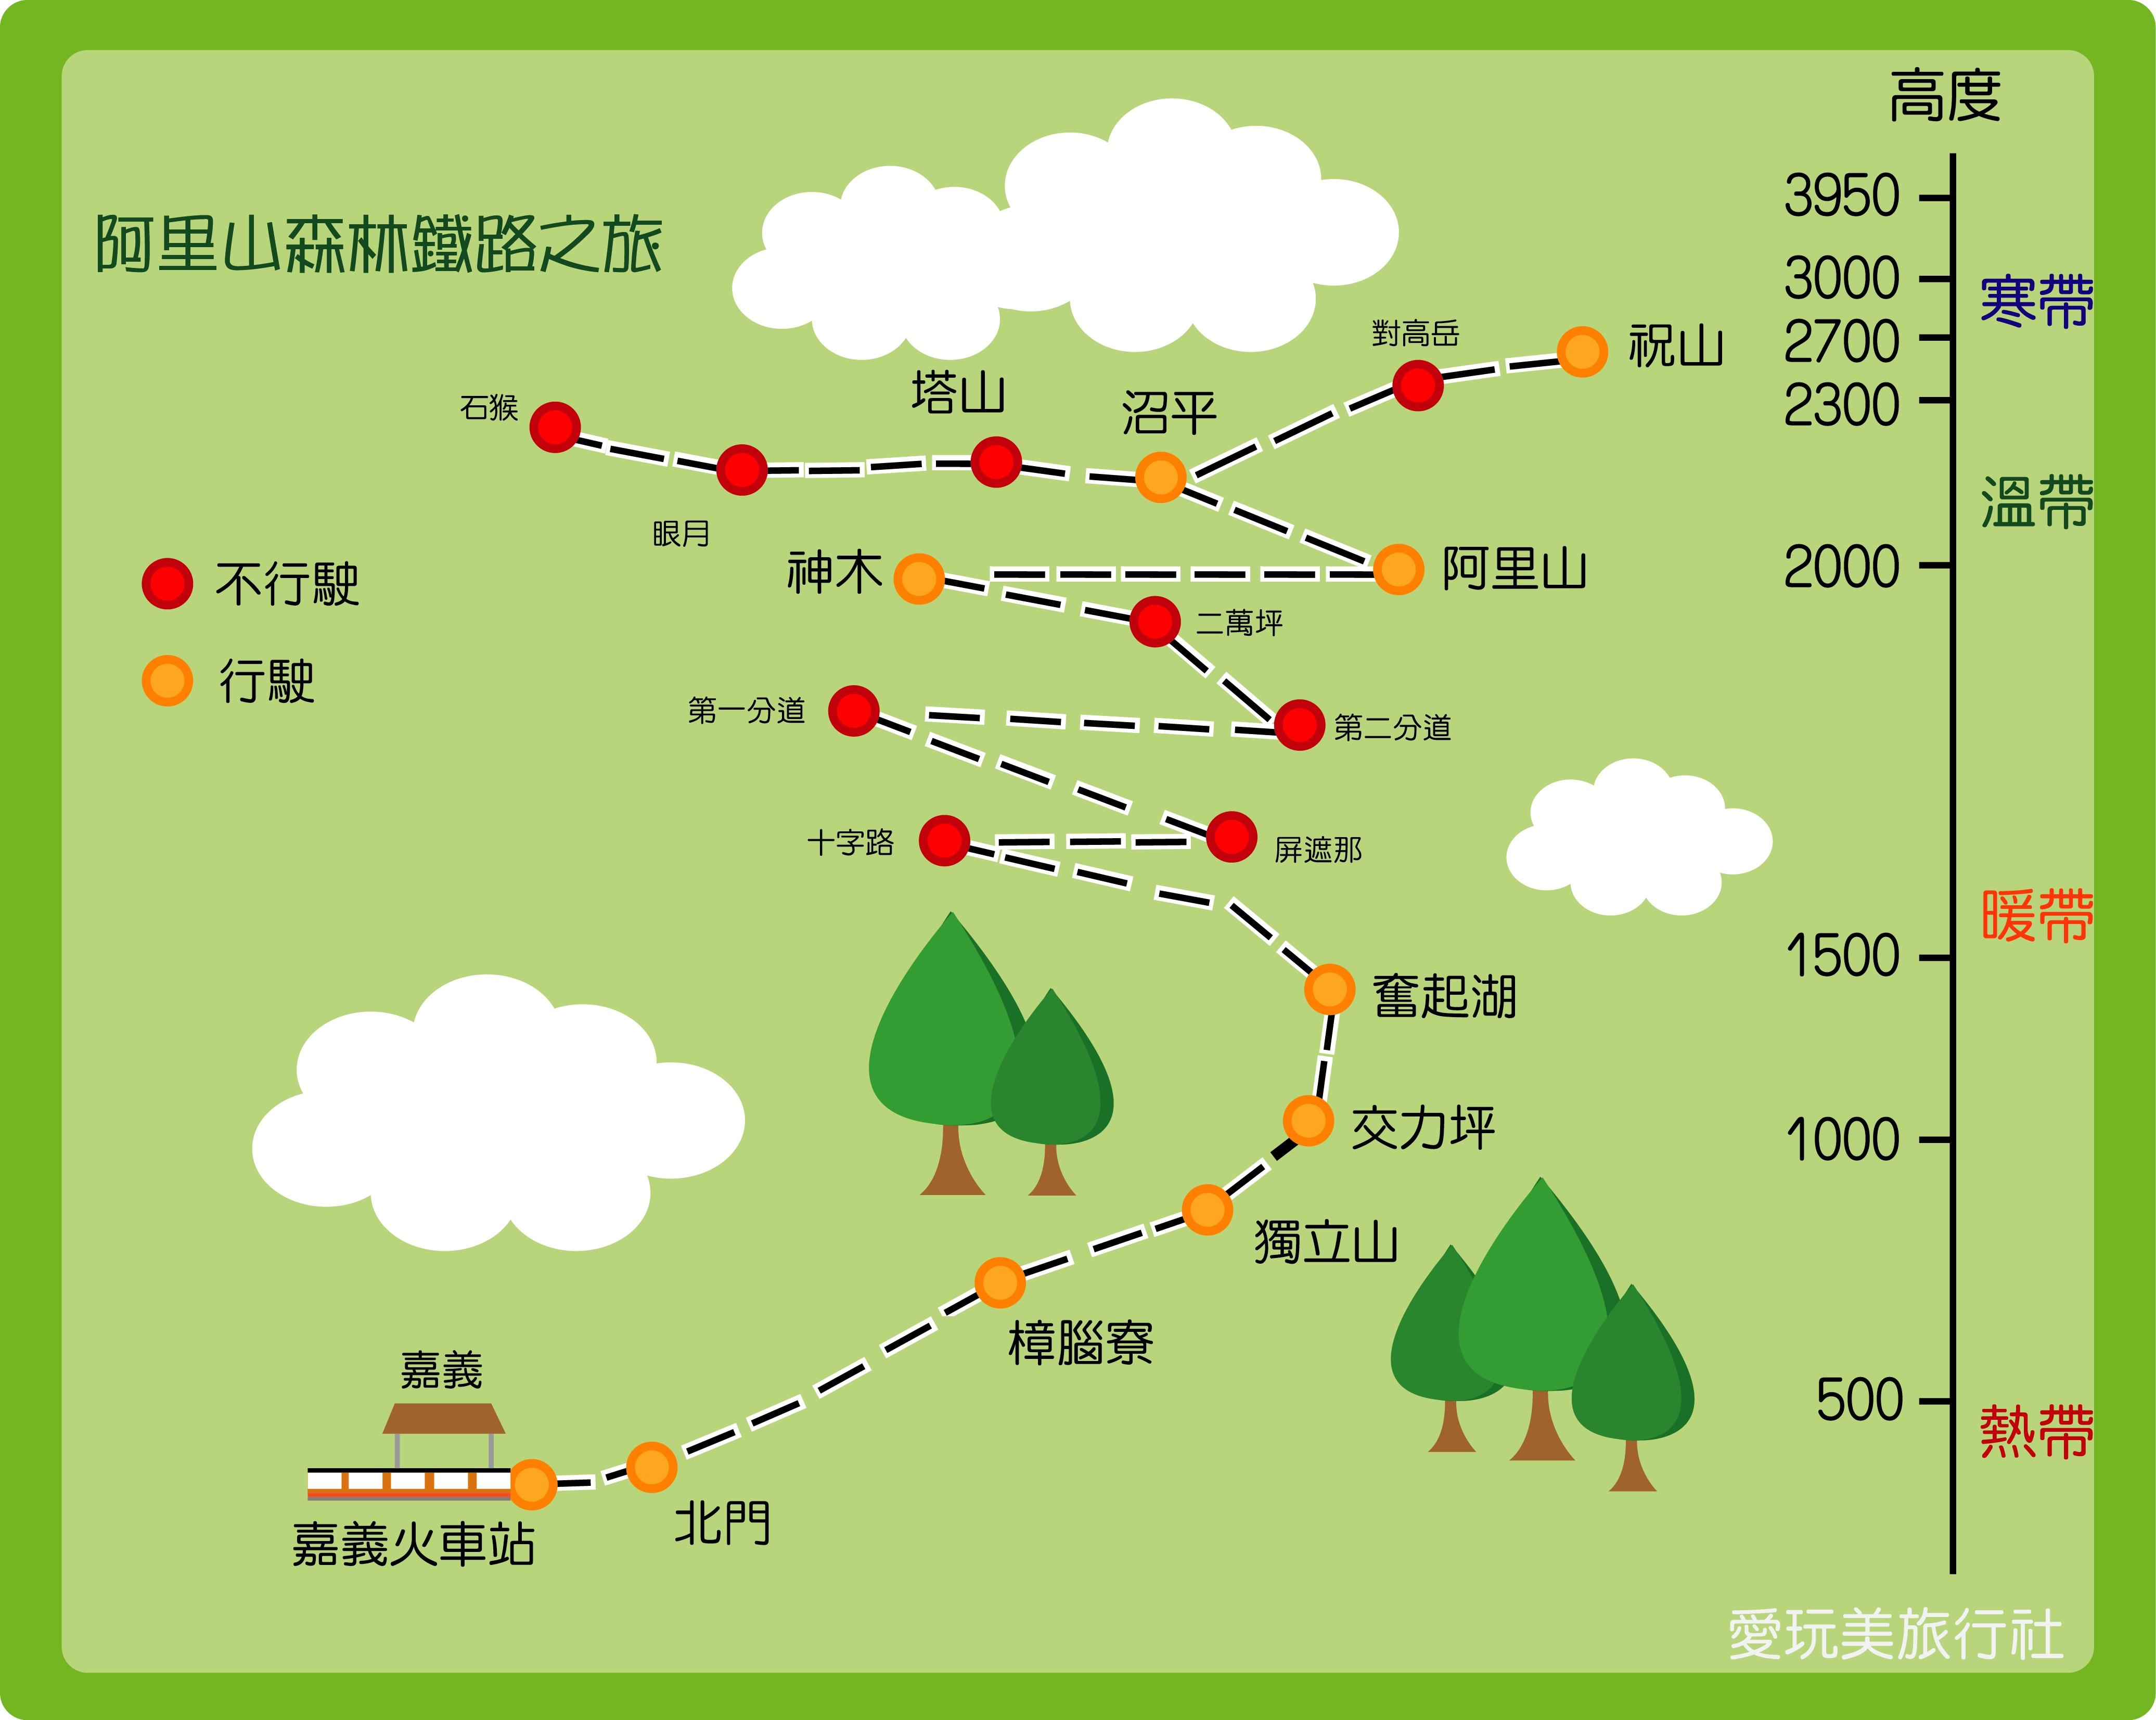 阿里山小火車路線圖